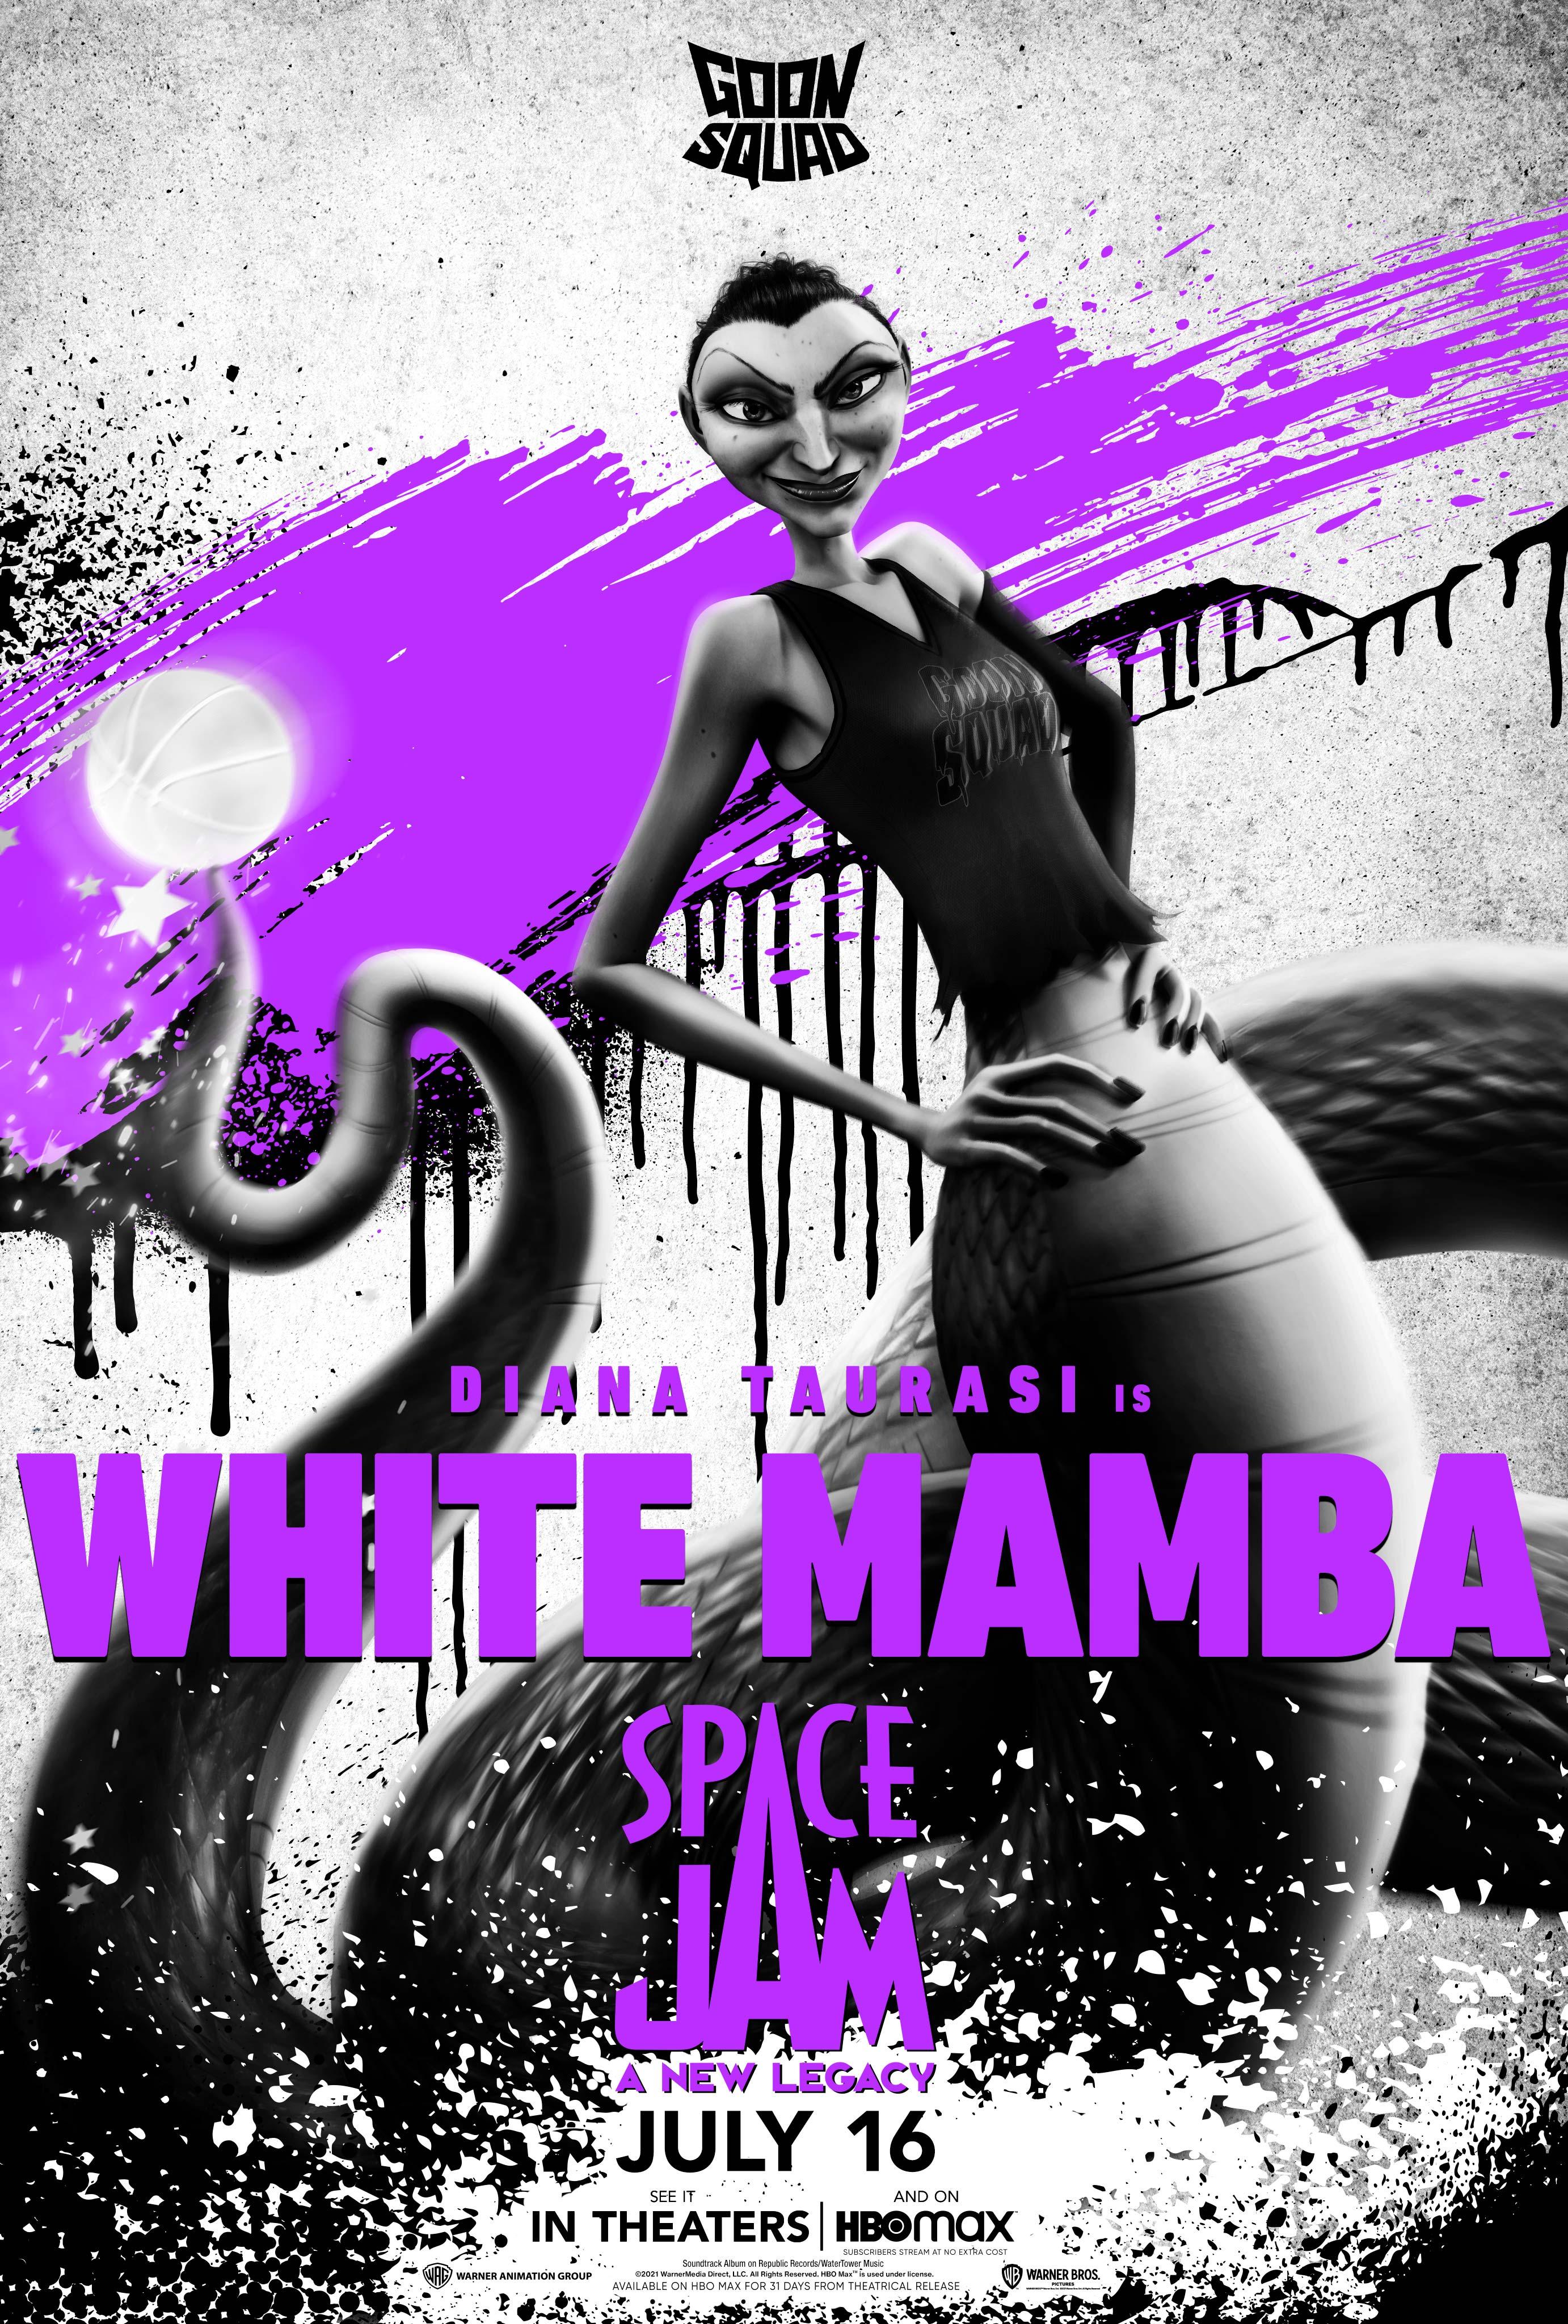 SJAM2 VERT GOONS WHITE MAMBA DOM 2764x4096 rgb 1